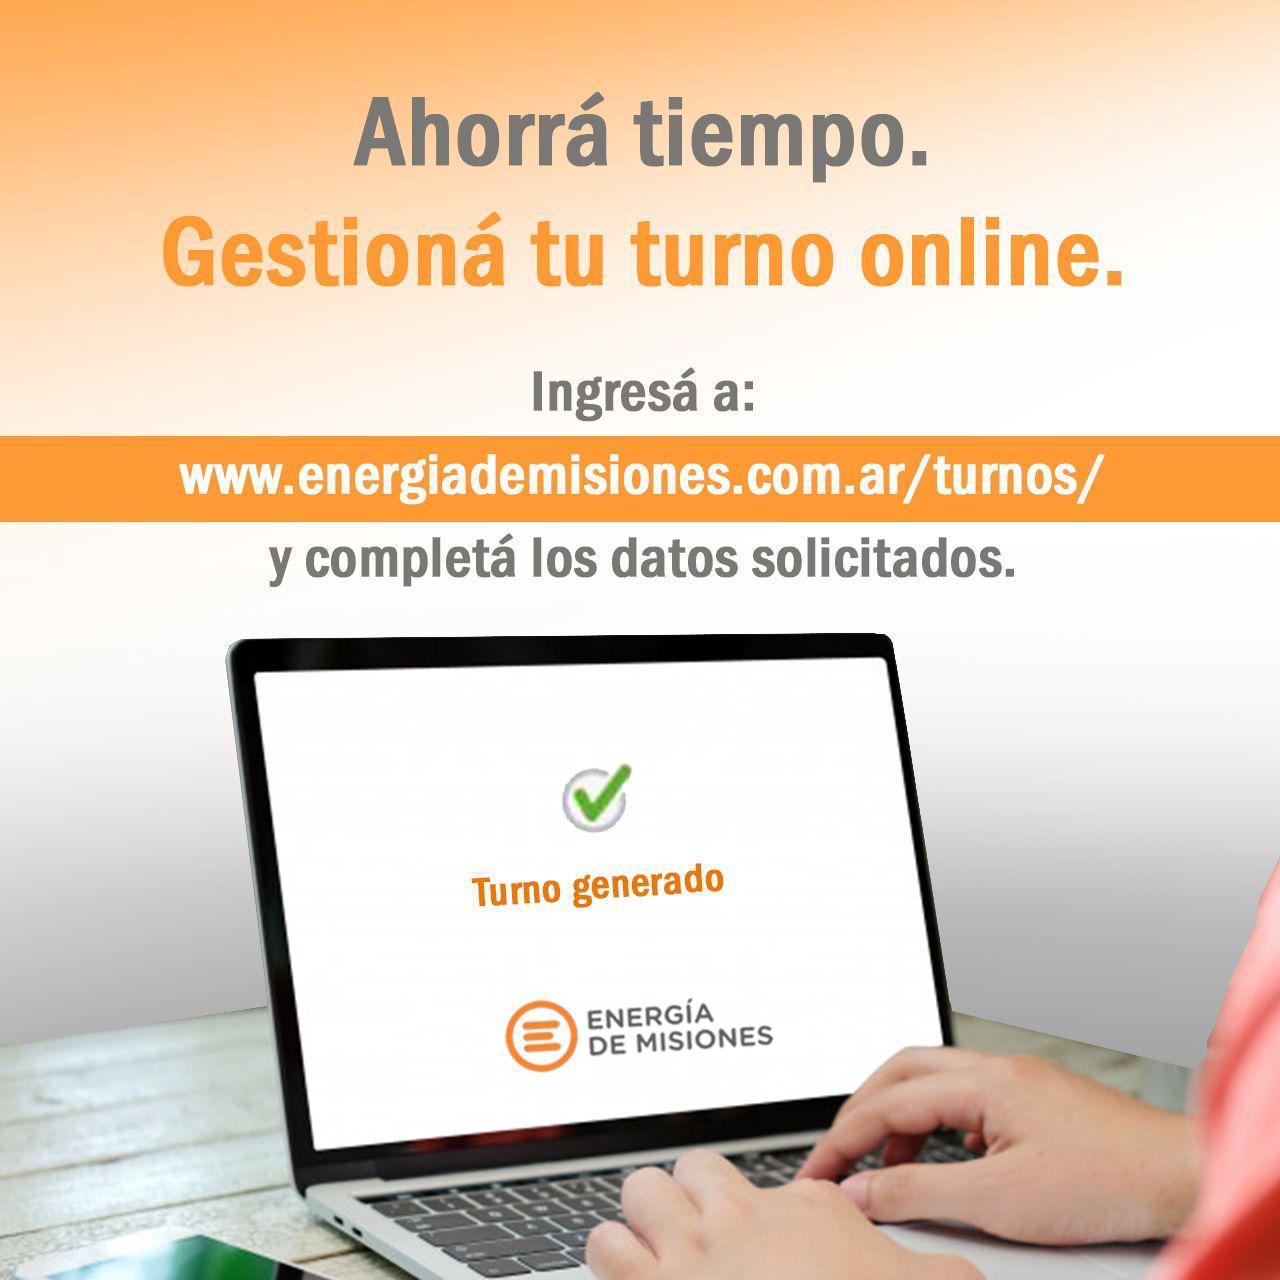 Energía de Misiones habilitó opción para gestionar turnos online